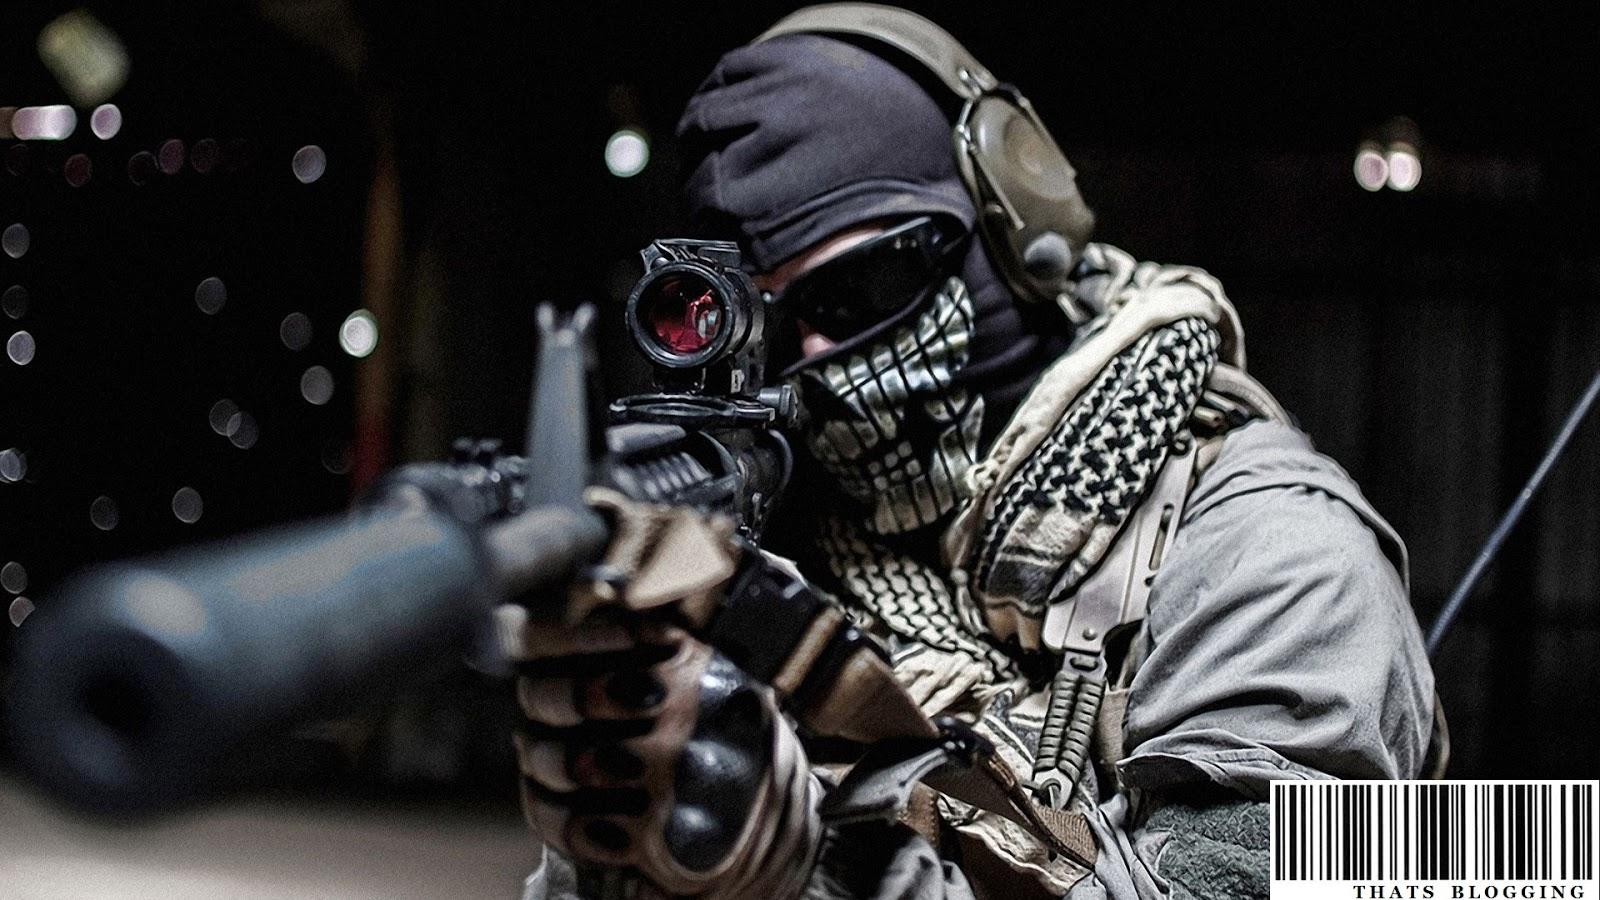 Counter Strike HD Wallpapers - WallpaperSafari Counter Strike Wallpaper Hd